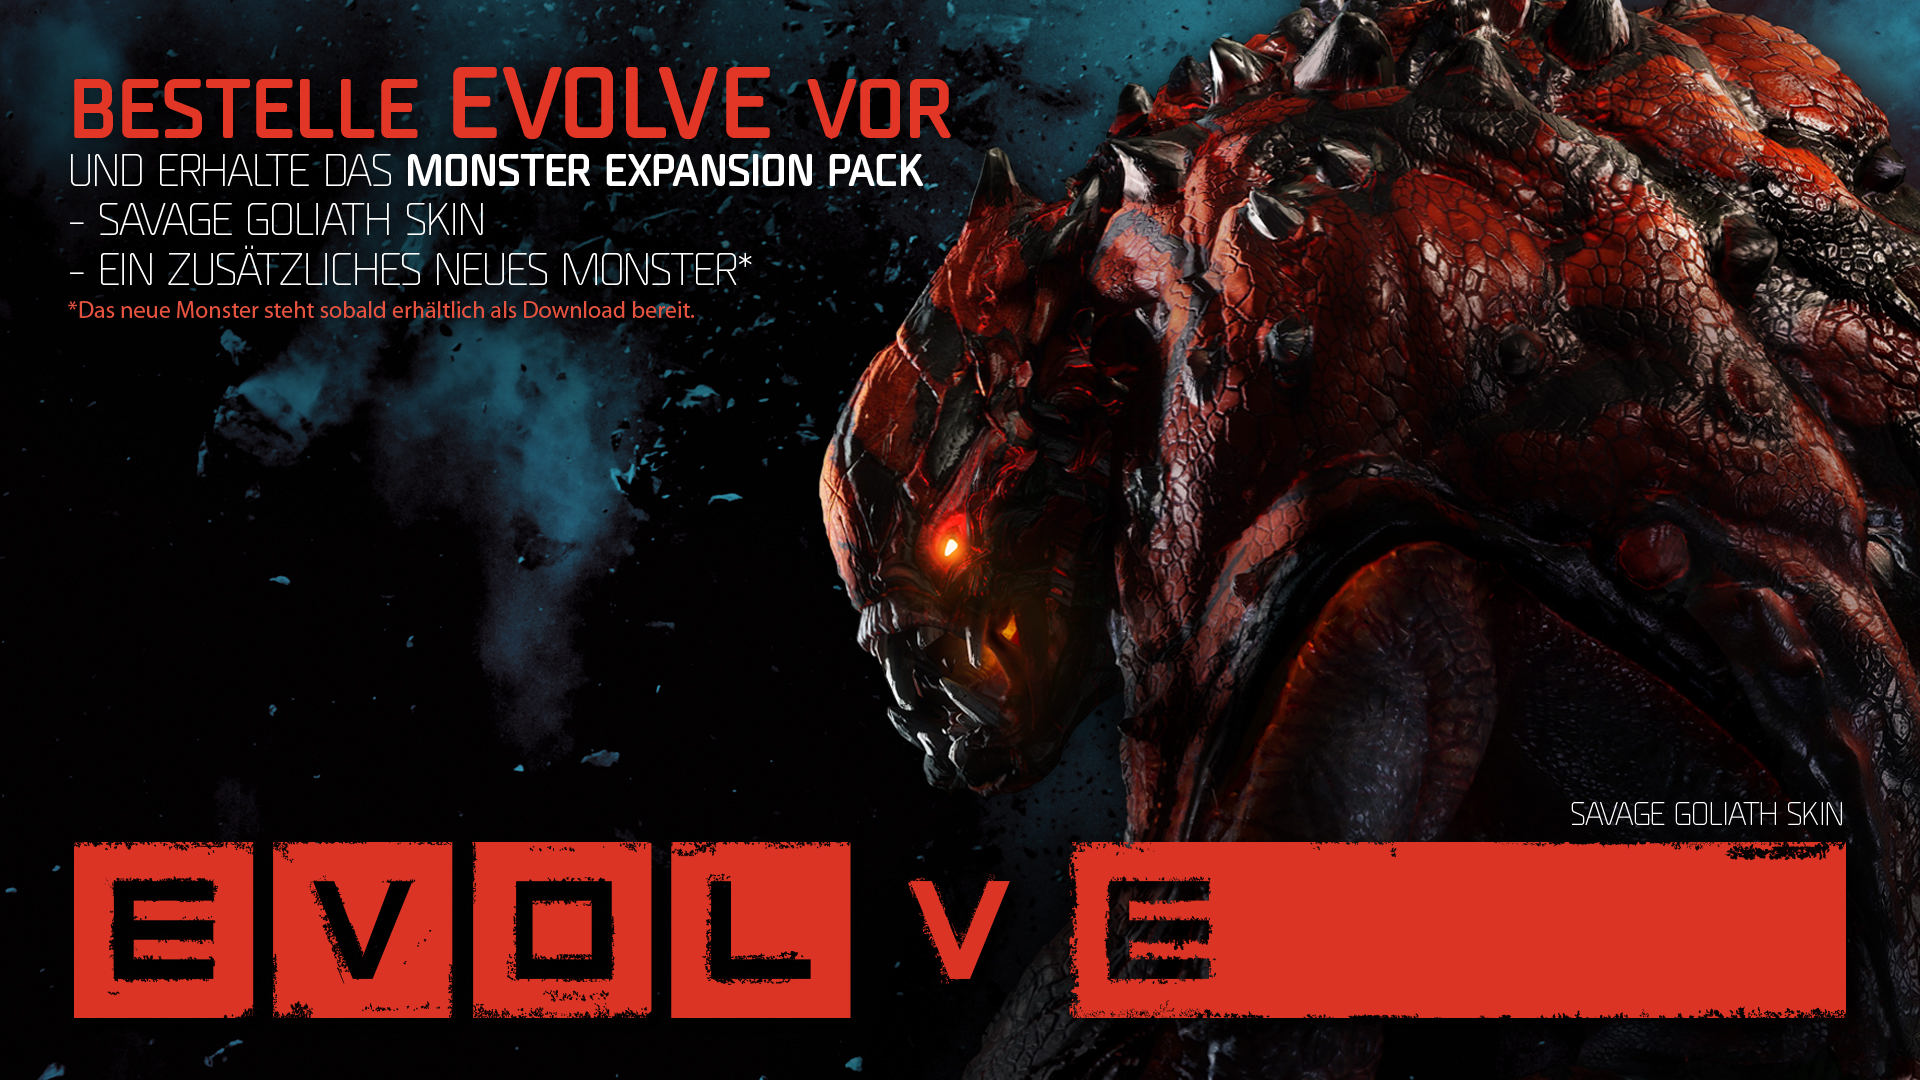 Vorbesteller-Boni und Packshot zu Evolve bekannt gegeben